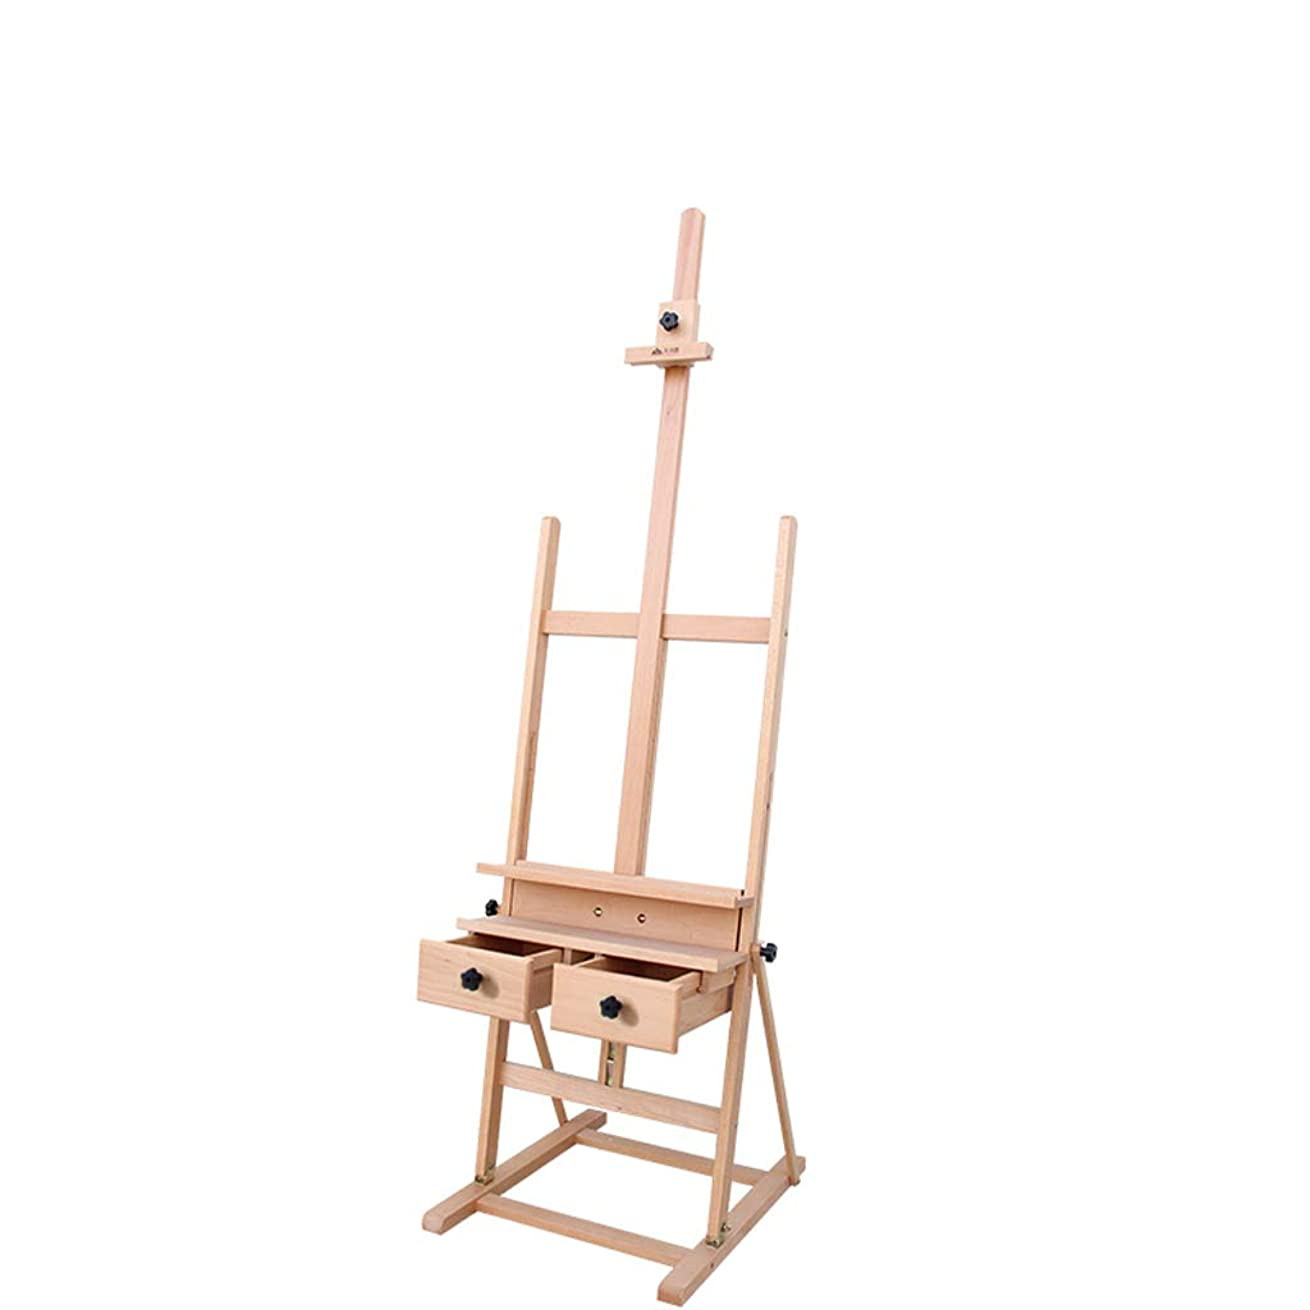 言い直すアルコールポインタSHWSM 持ち上がることおよび持ち上がることのための引出しが付いている木製の折るブラケット様式のスケッチのイーゼル、貯えること容易、47 * 59 * 160(212)cm イーゼル